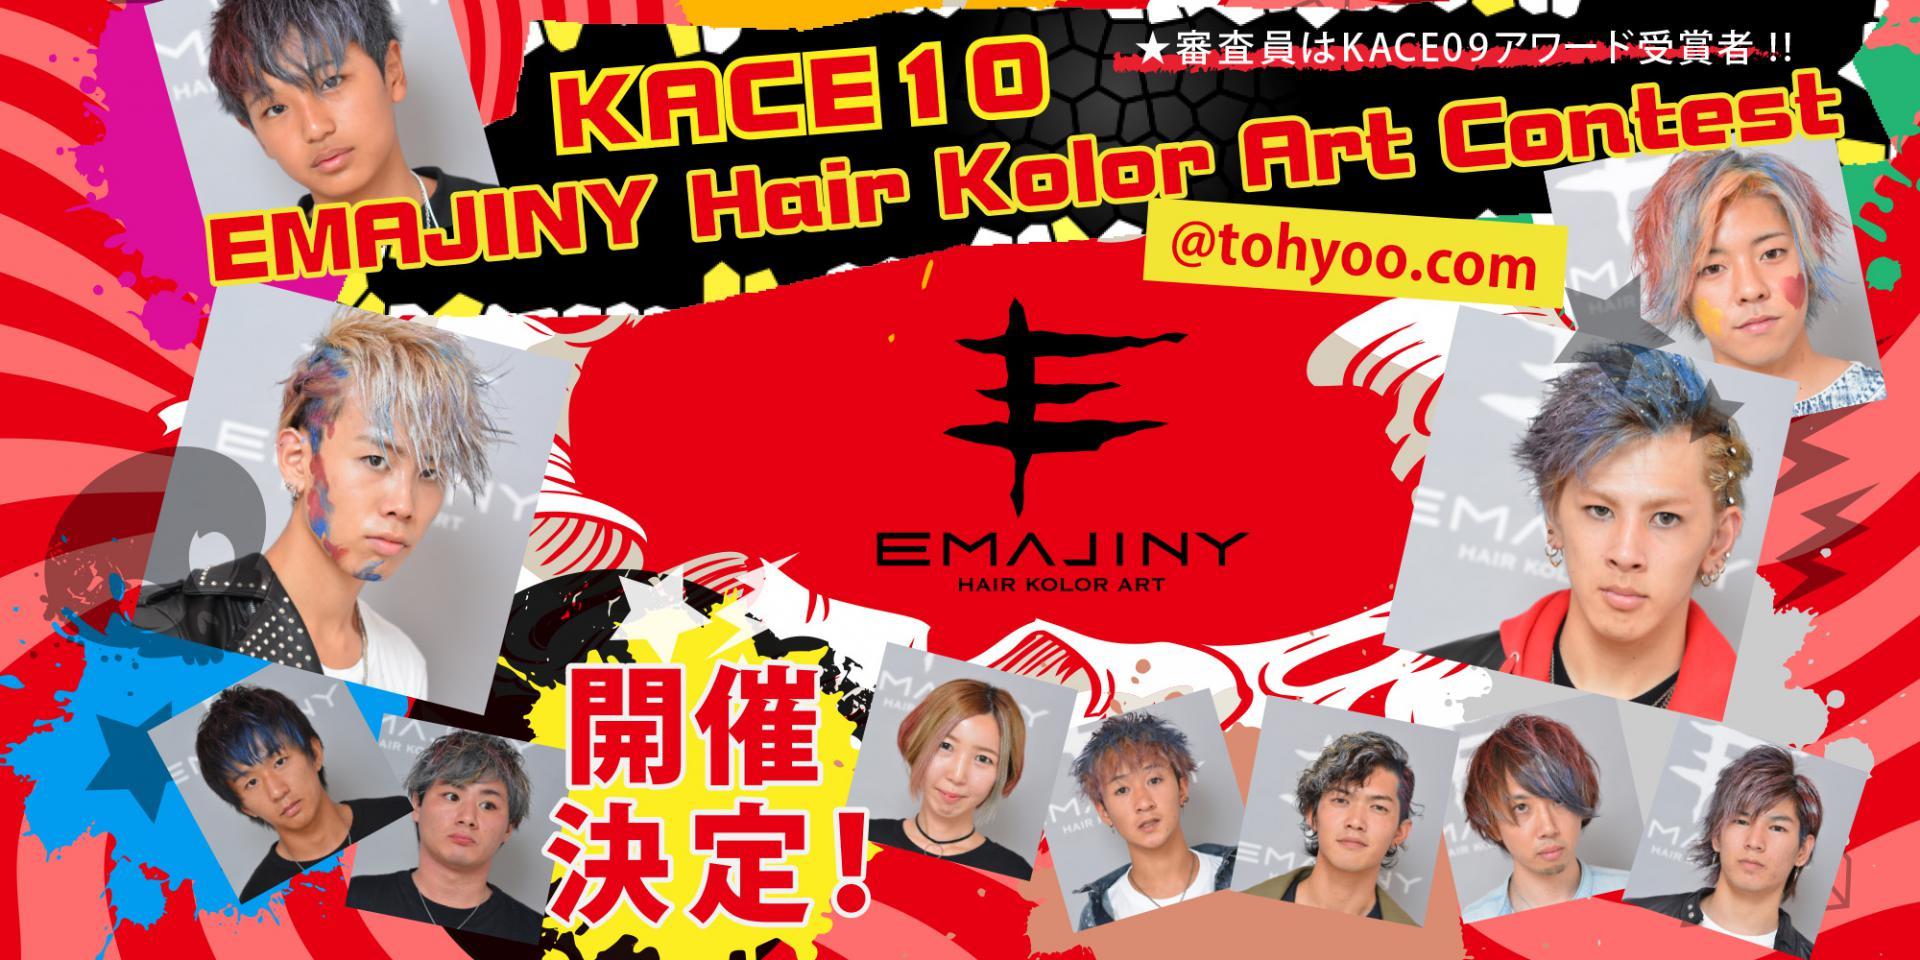 KACE 10 @TOHYOO.COM